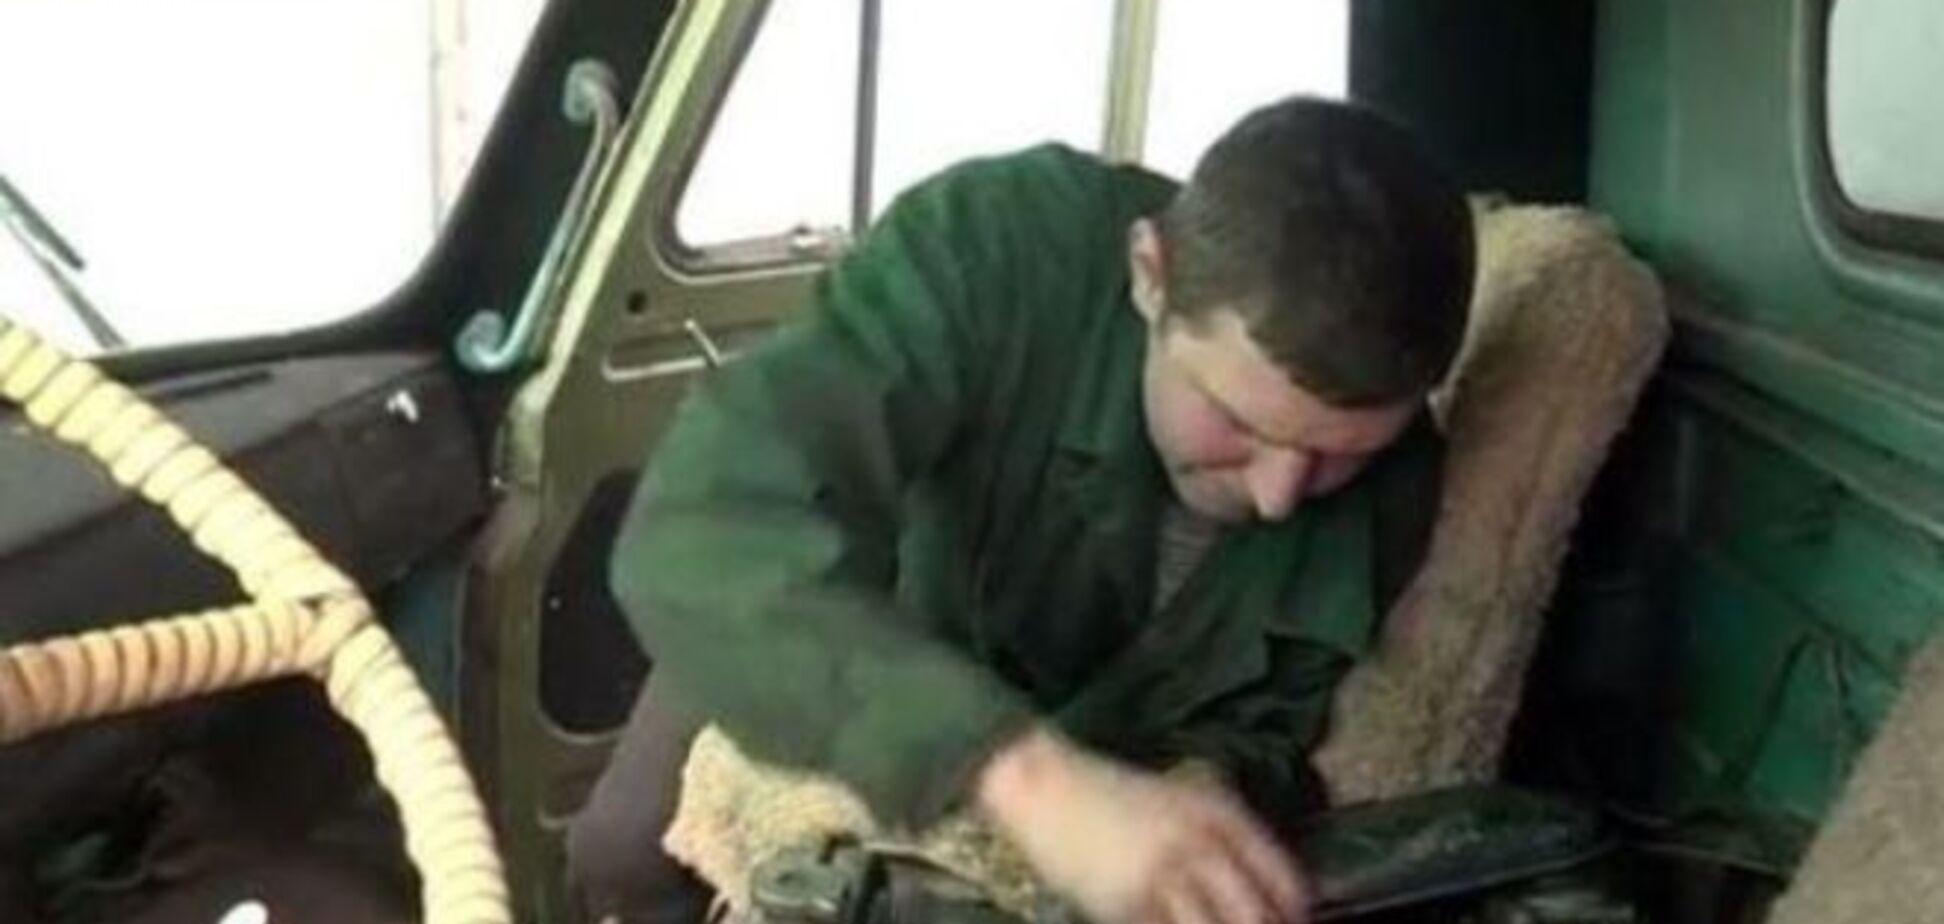 Во Львове умельцы из военного 'металлолома' сделают технику для АТО: видеофакт